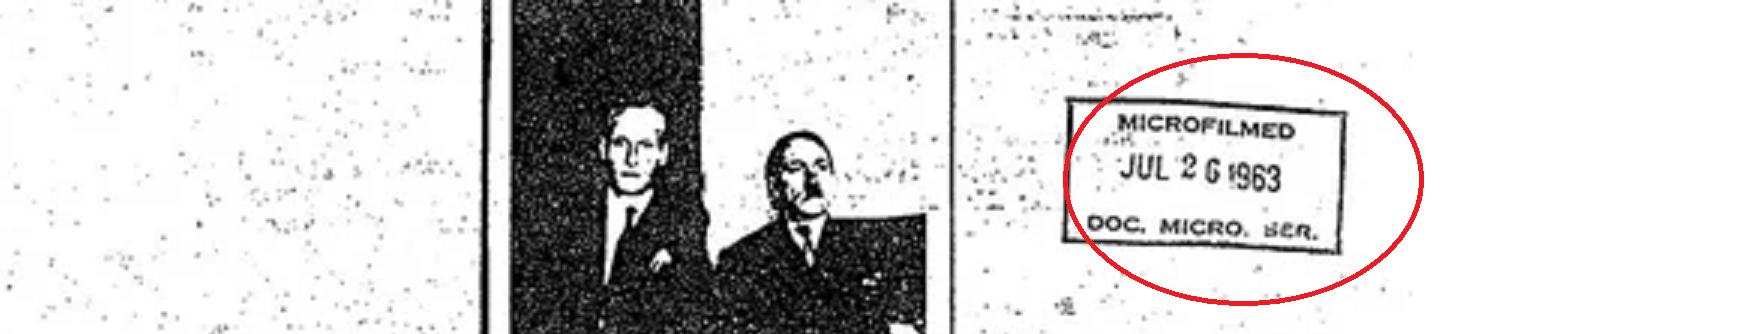 """Адольф Гитлер: """" Зовите меня Шриттельмайором, Адольфом Шриттельмайором..."""""""